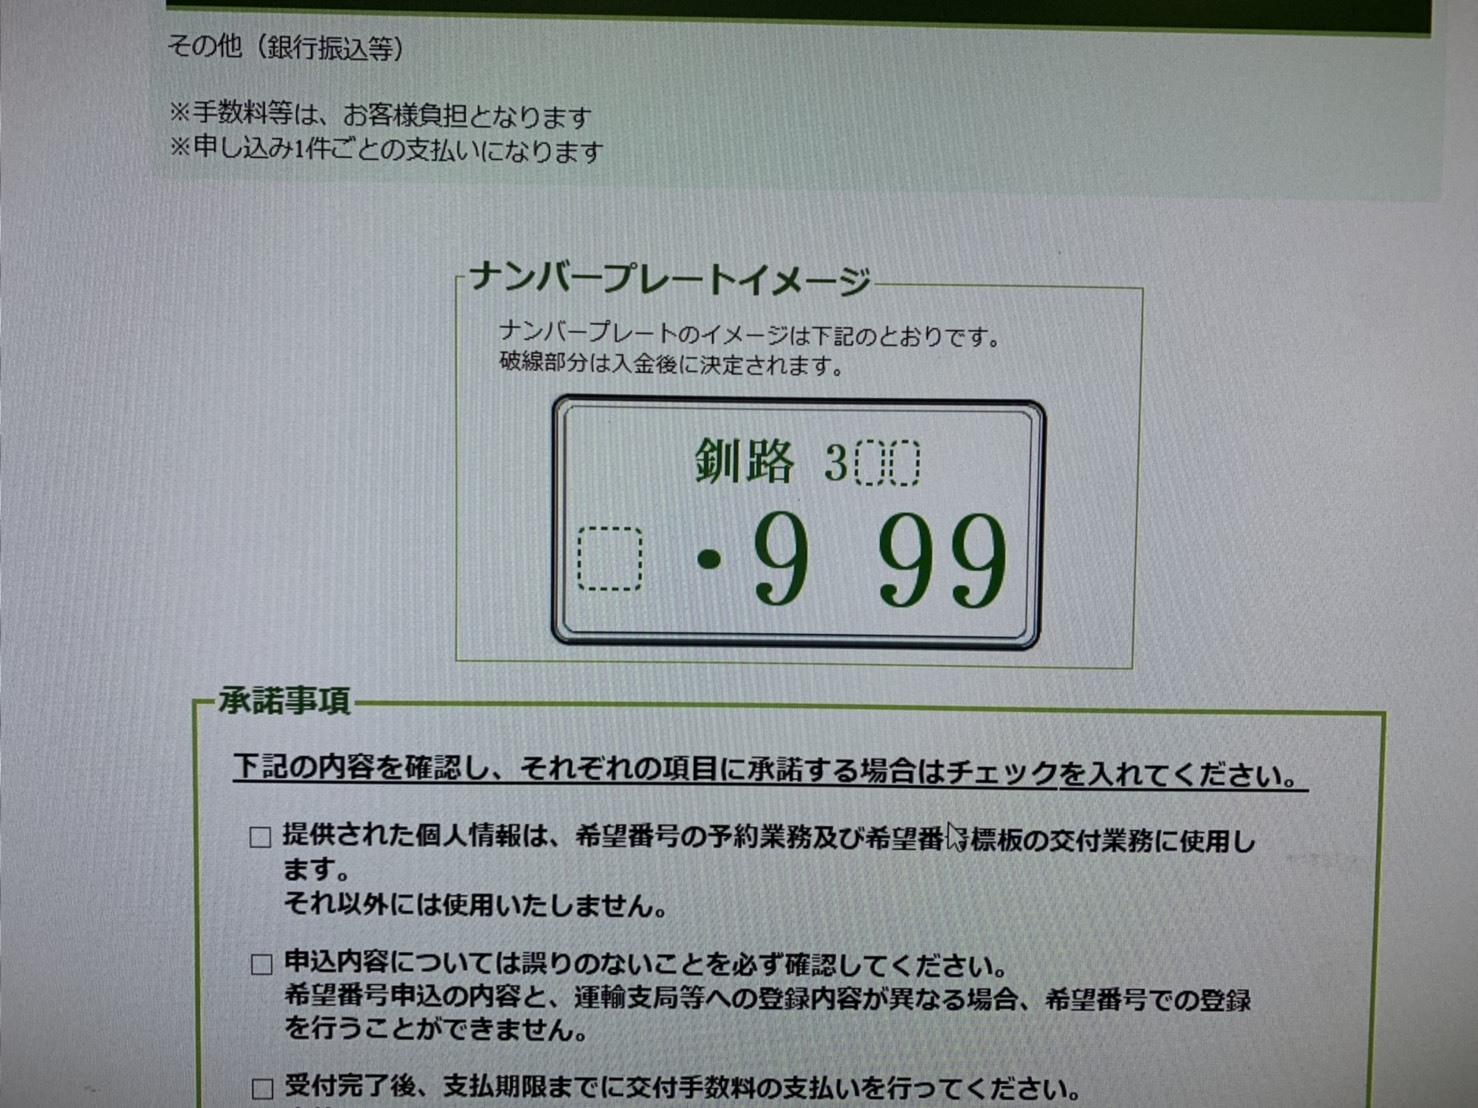 b0127002_16440053.jpg